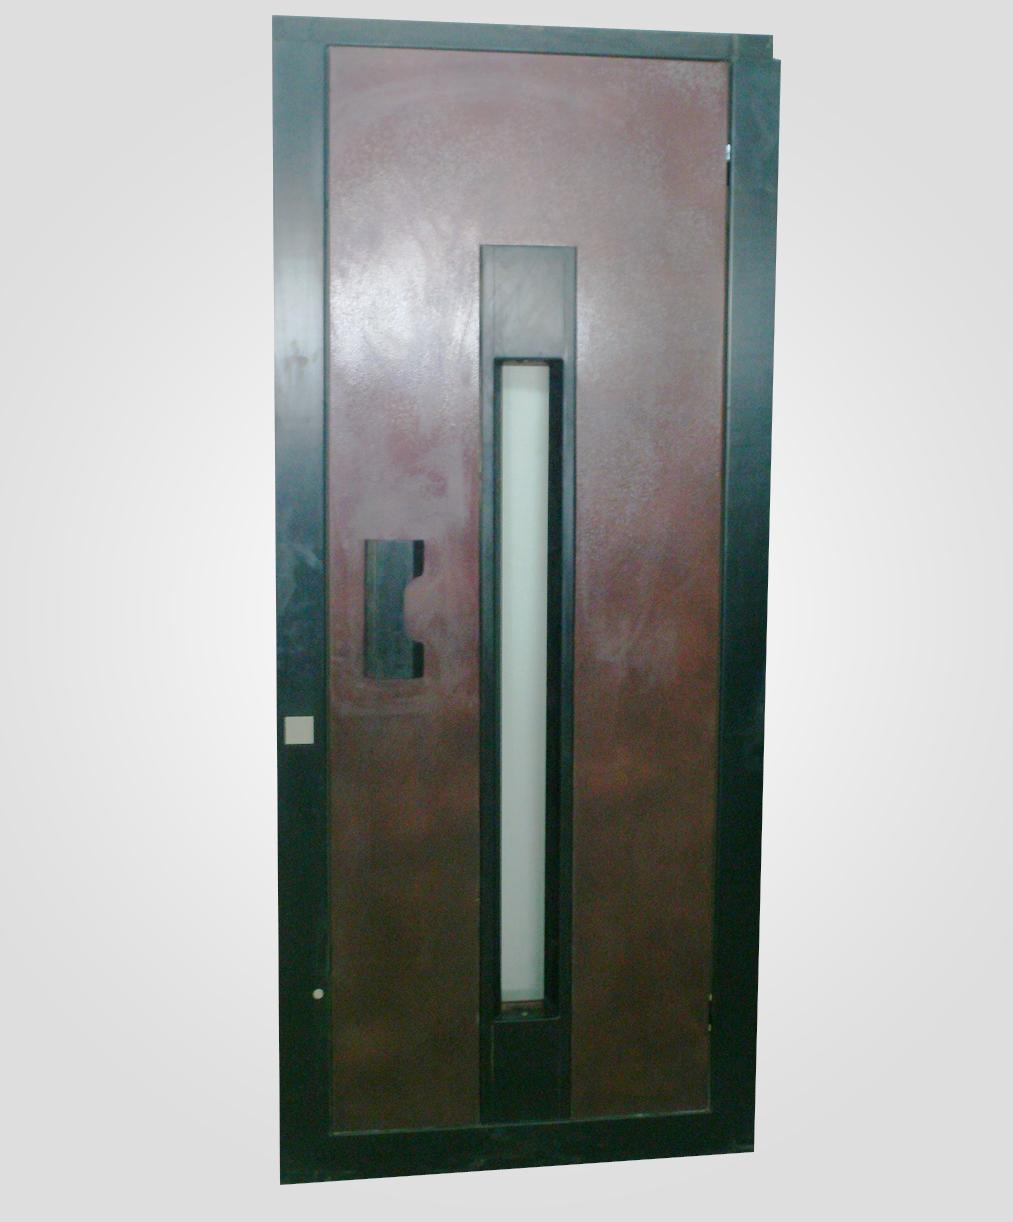 باب مصعد (نوع ب)